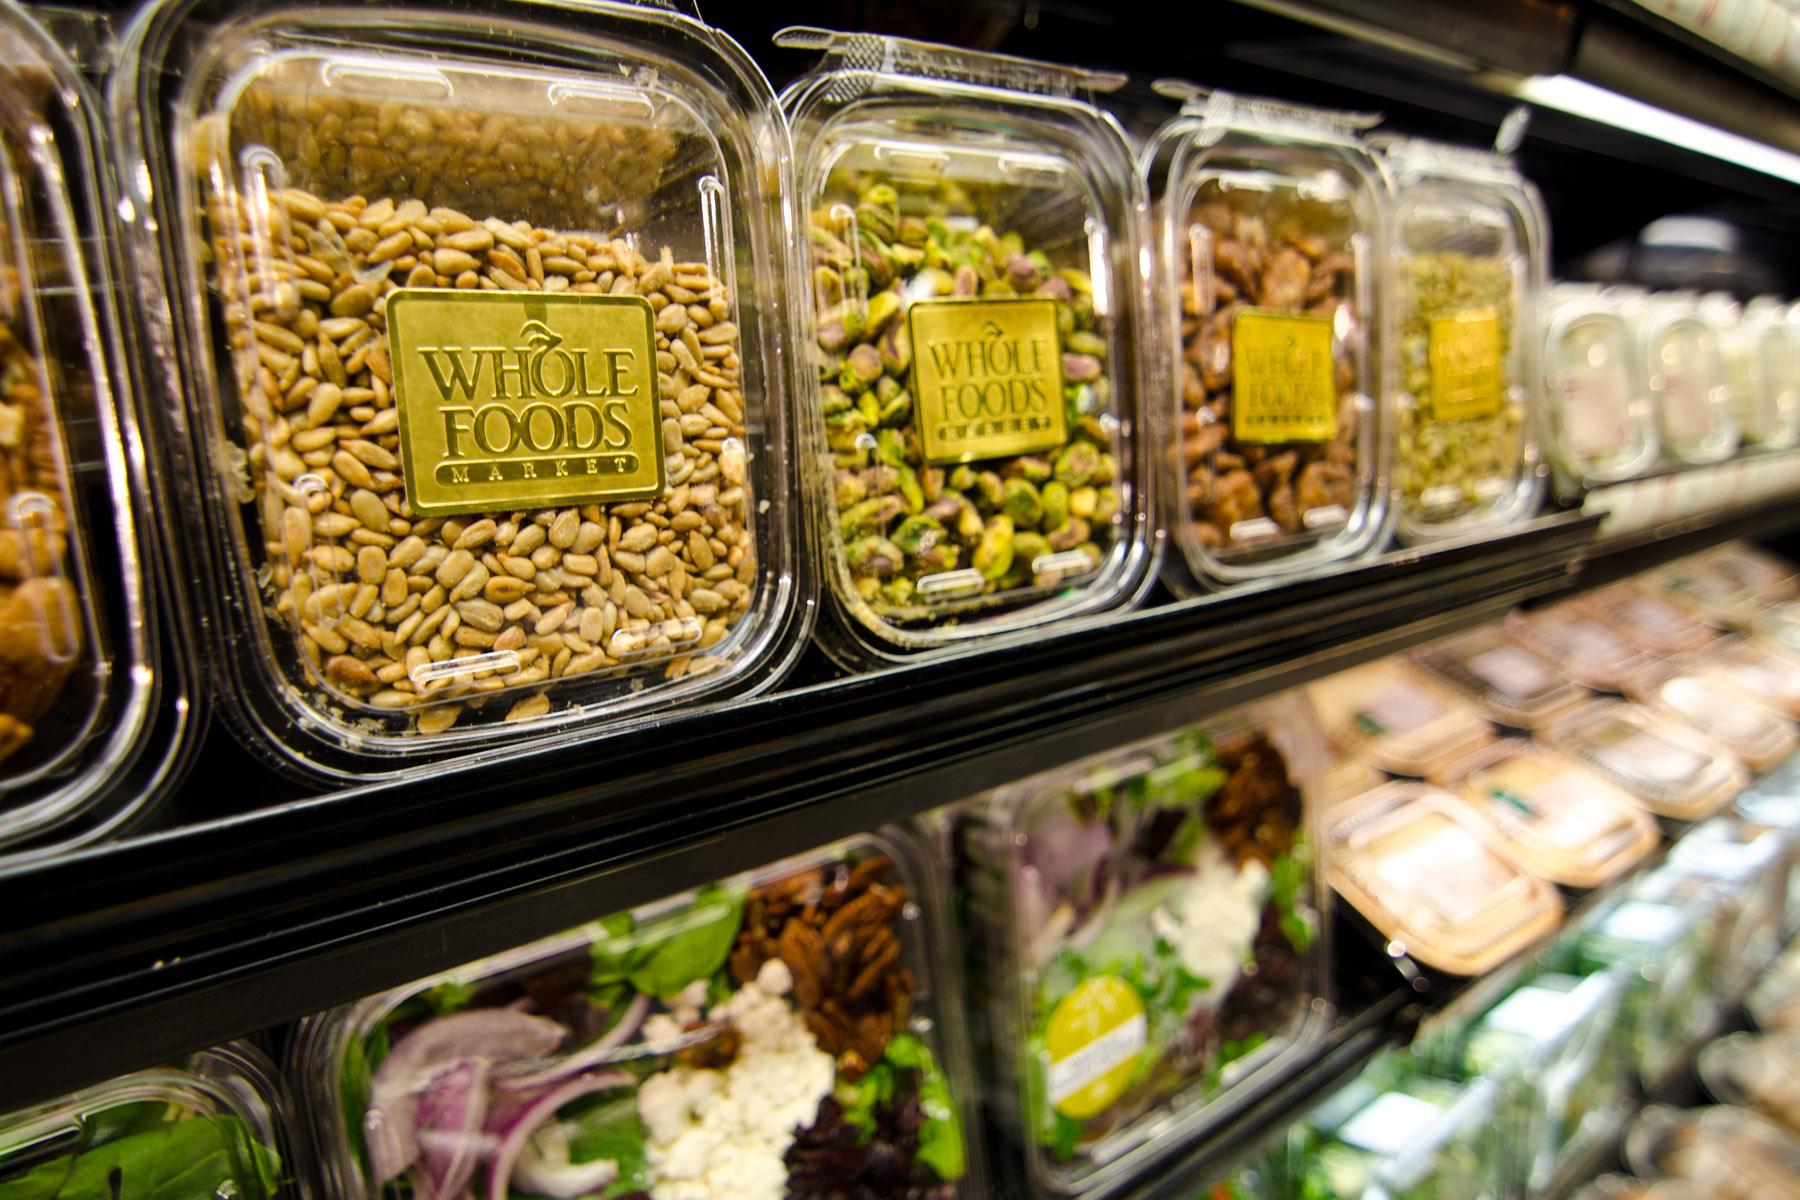 Viele Bio-Lebensmittel von Whole Foods Market stammen vom Großhändler United Natural Foods. Die Aktien der beiden Unternehmen haben sich jetzt gegenläufig entwickelt. / Foto: Whole Foods Market